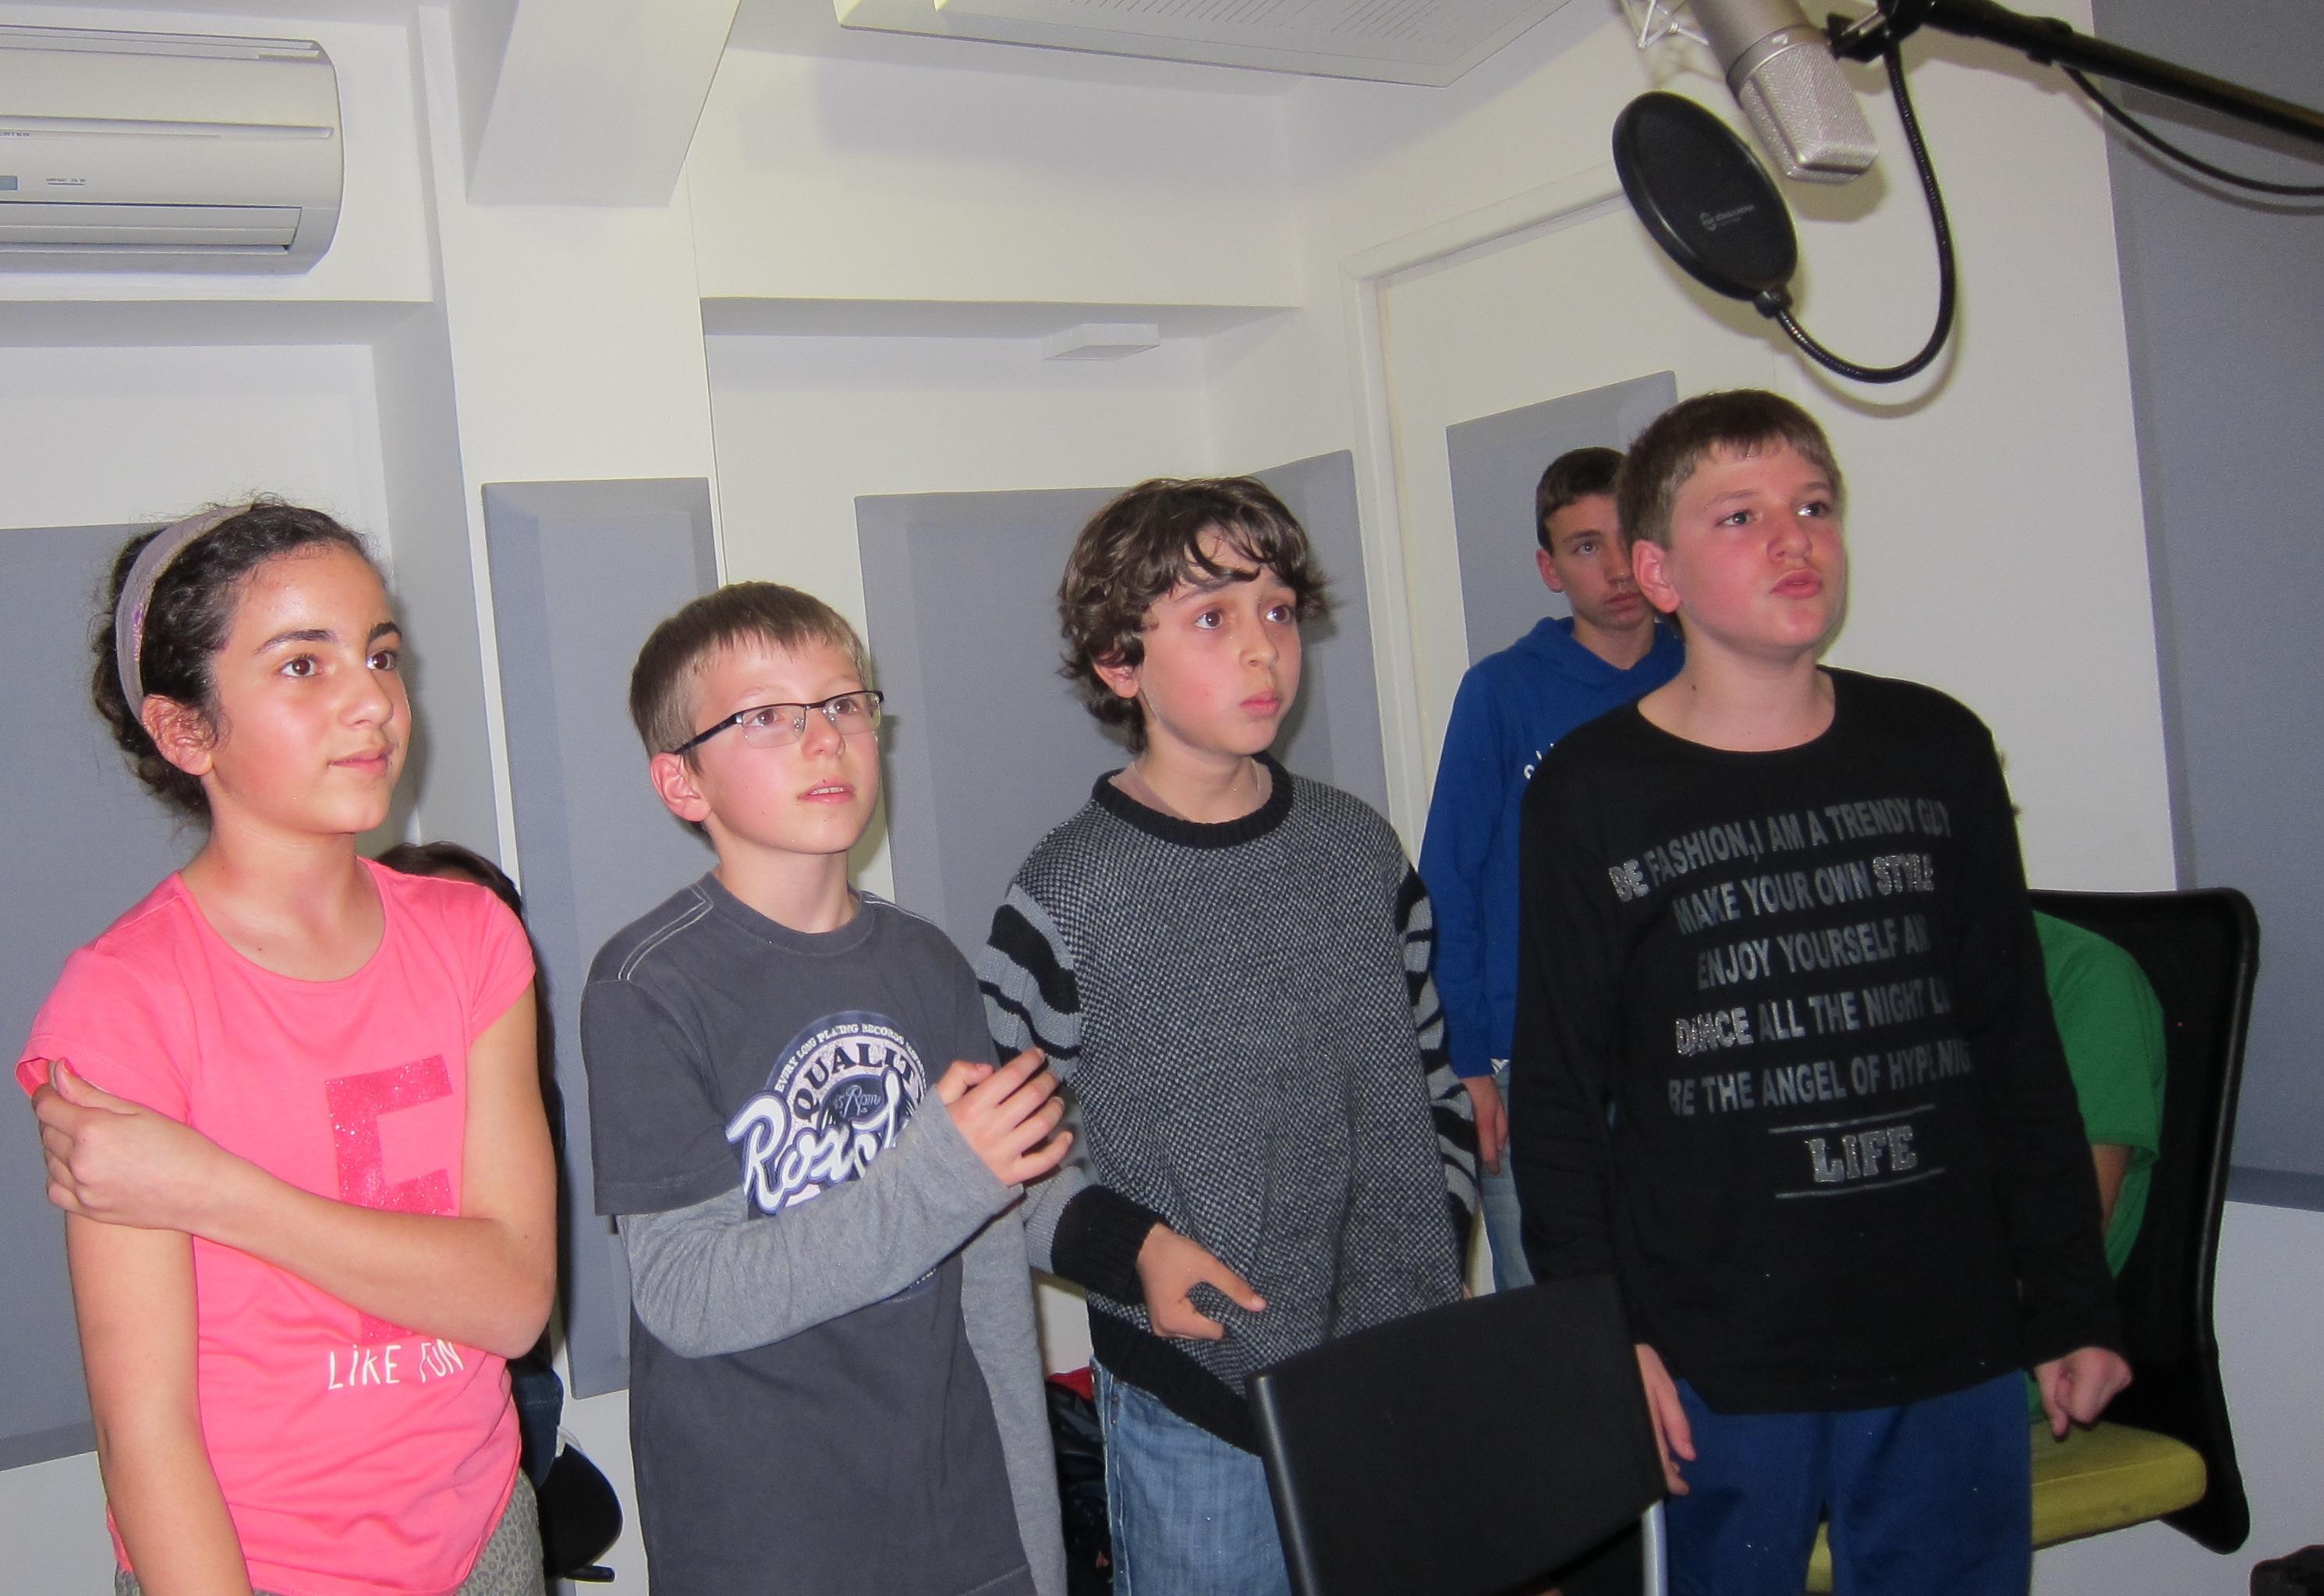 Visite Anoki - Studios VOA